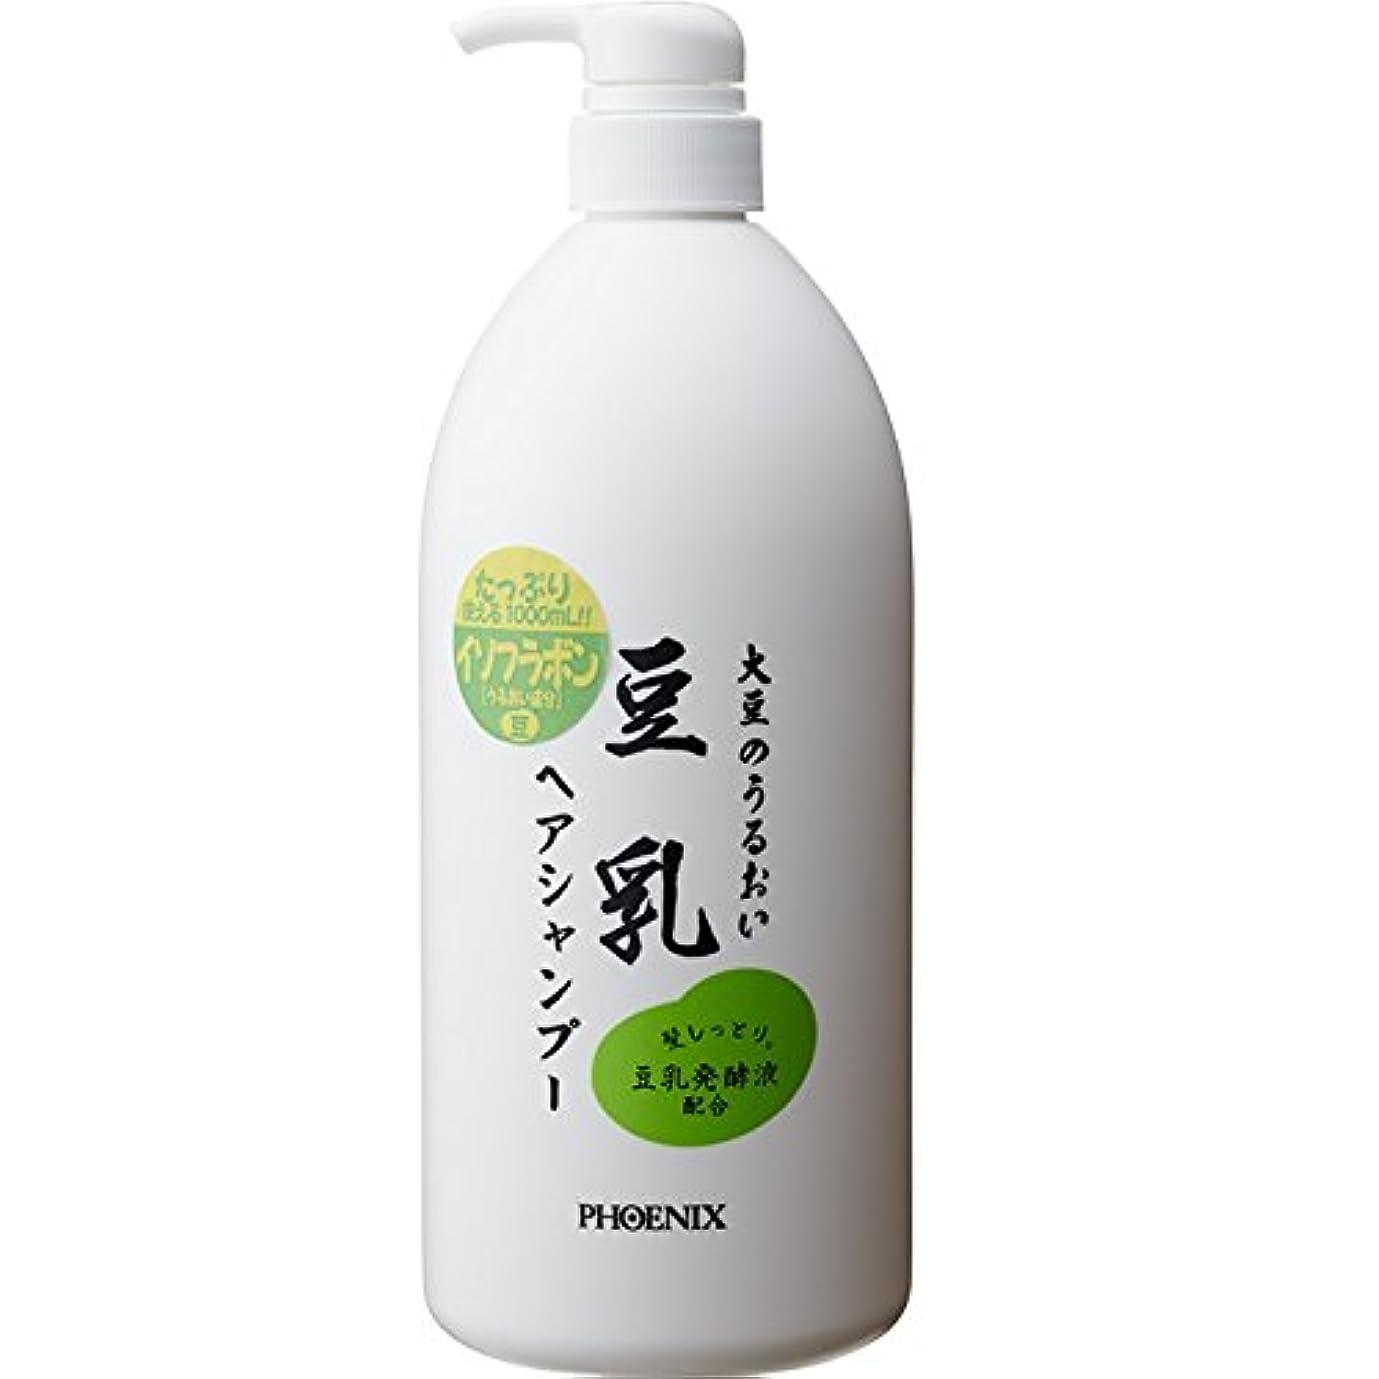 マイクロフォン試験パブ【ケース販売】豆乳ヘアシャンプー 1L×10本